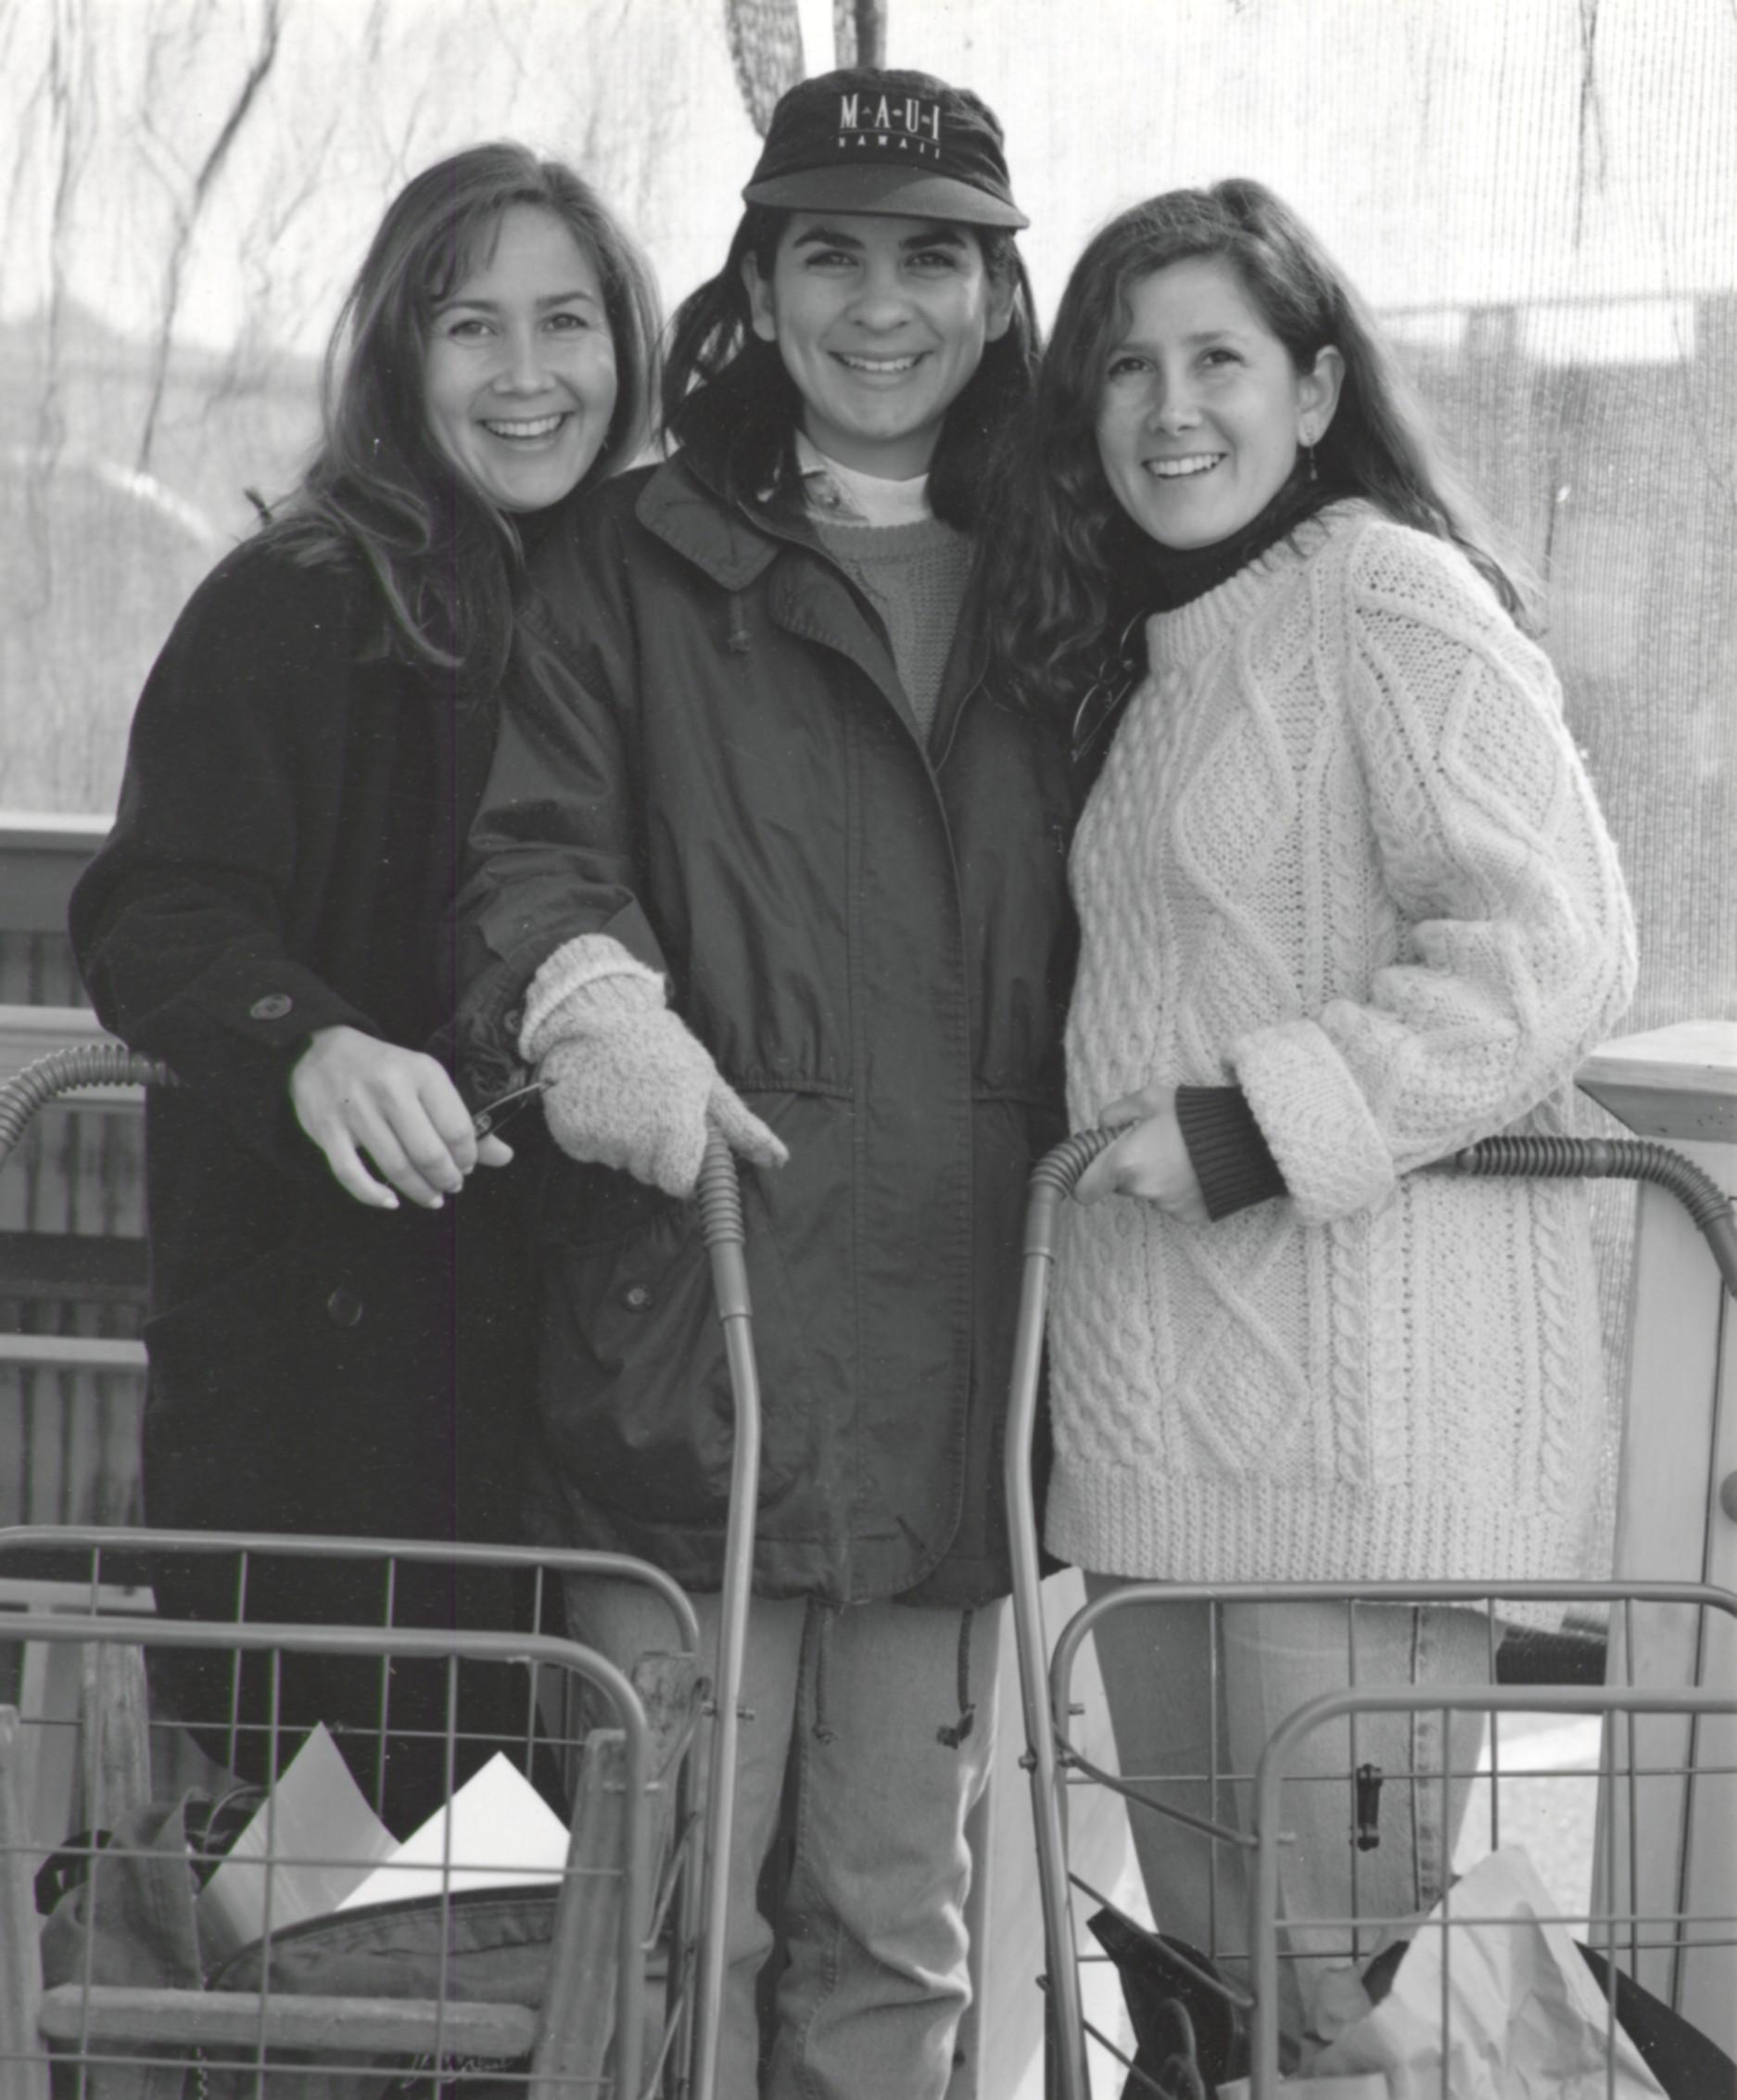 Three Sisters Shopping - Pasadena CA 1994